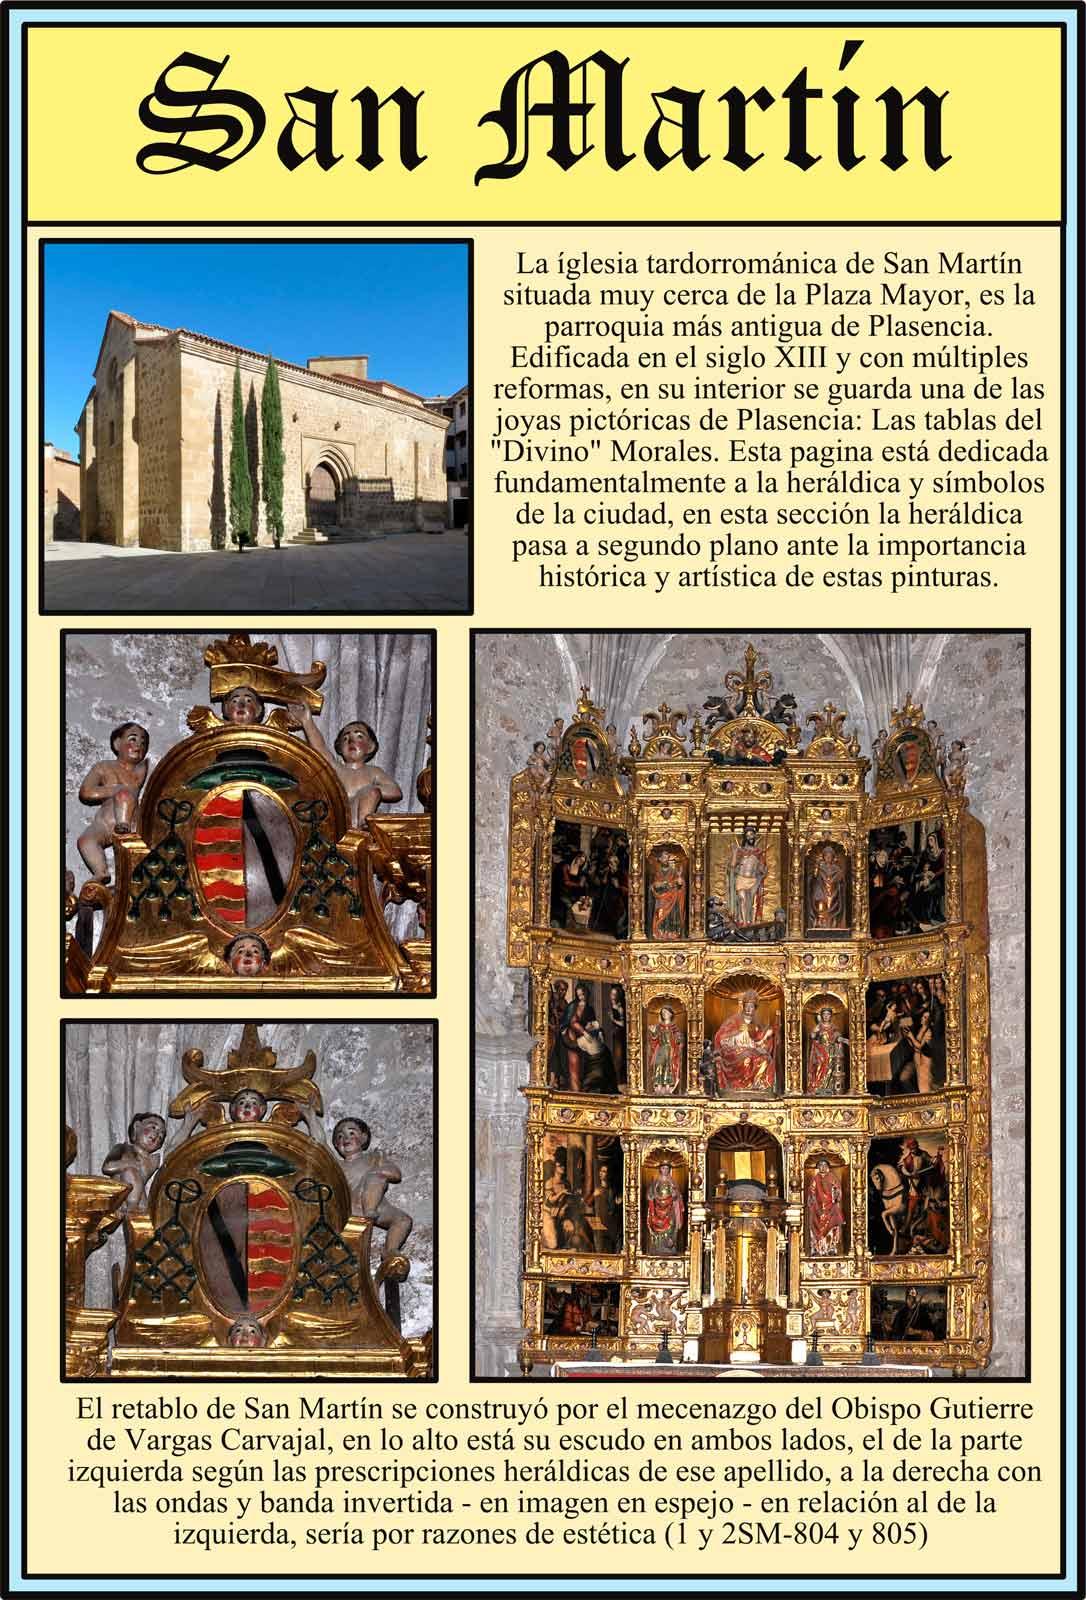 Retablo de San Martín. Escudos del Obispo Gutierre de Vargas Carvajal